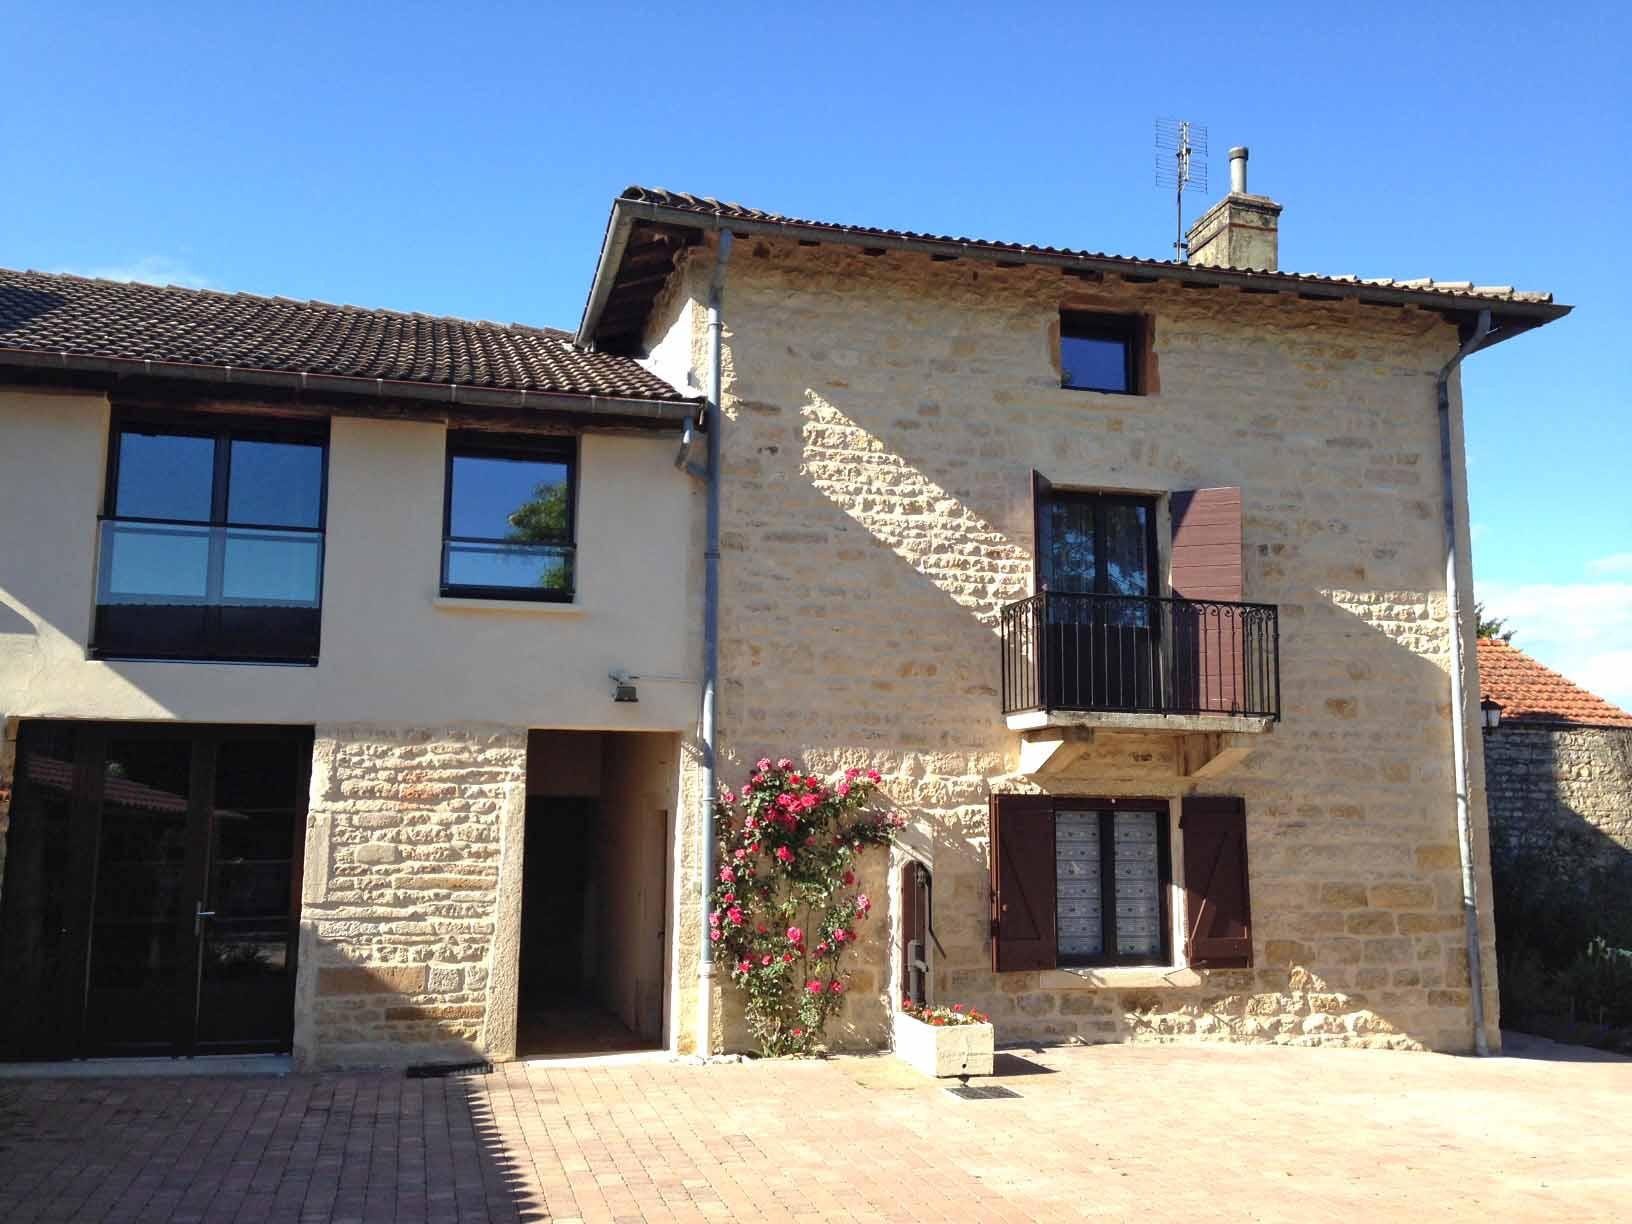 Location Gîte, Chambres Du0027hotes Gite En Maison Beaujolais 5 Personnes  Lucenay Dans Le